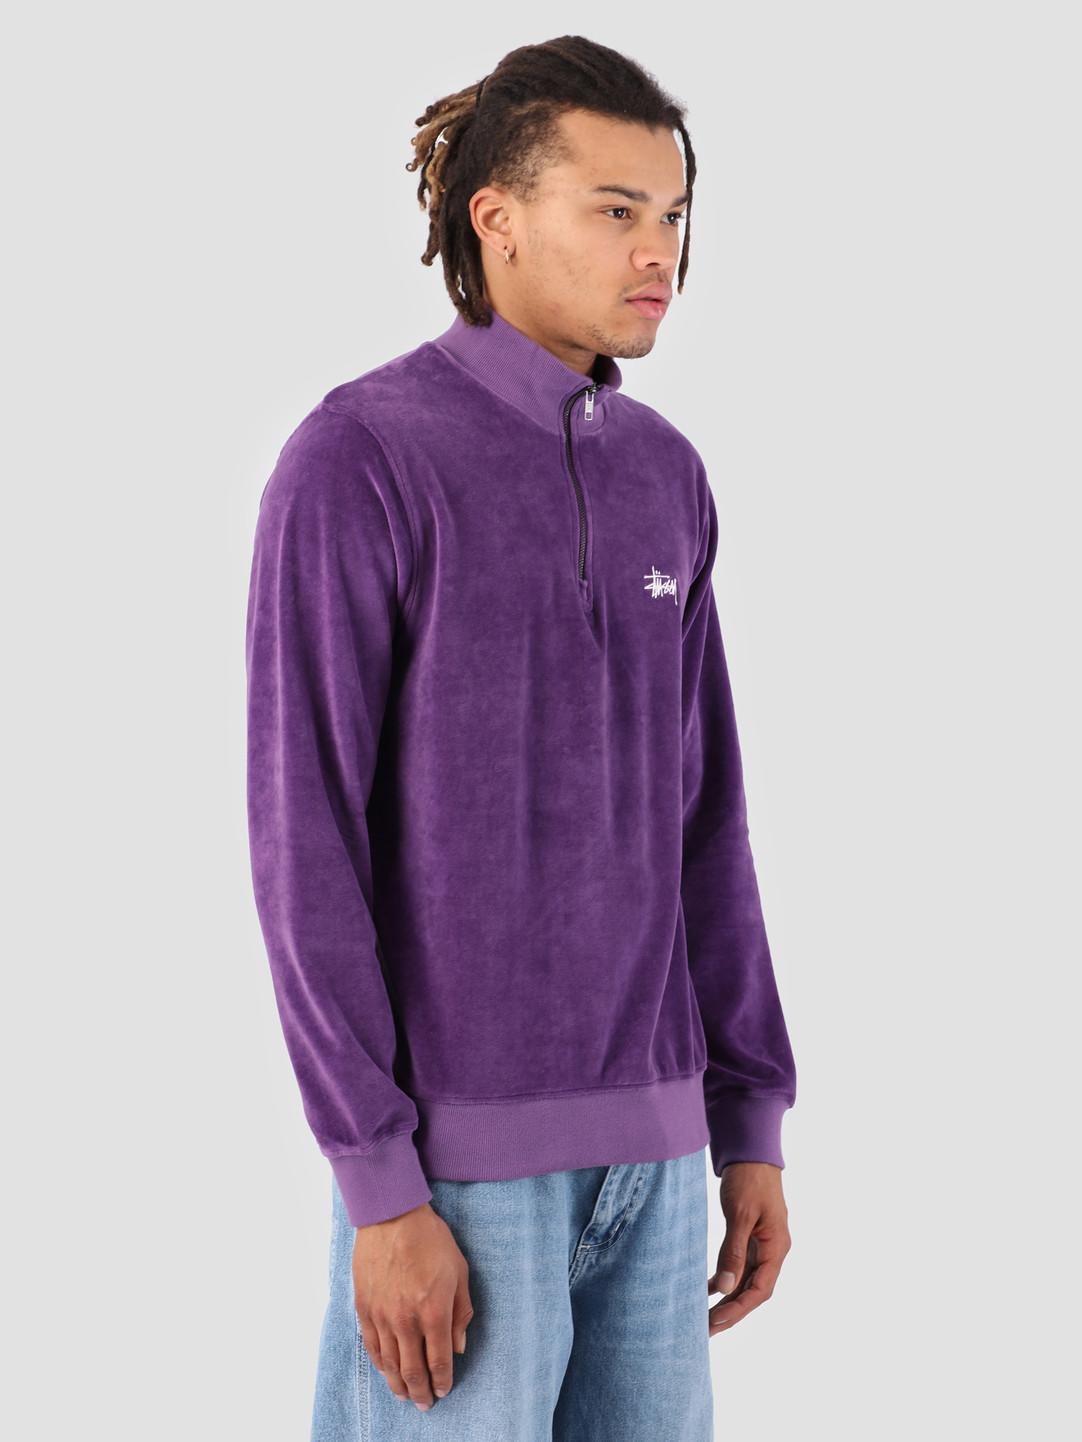 Stussy Stussy Velour Longsleeve Zip Mock Purple 0809